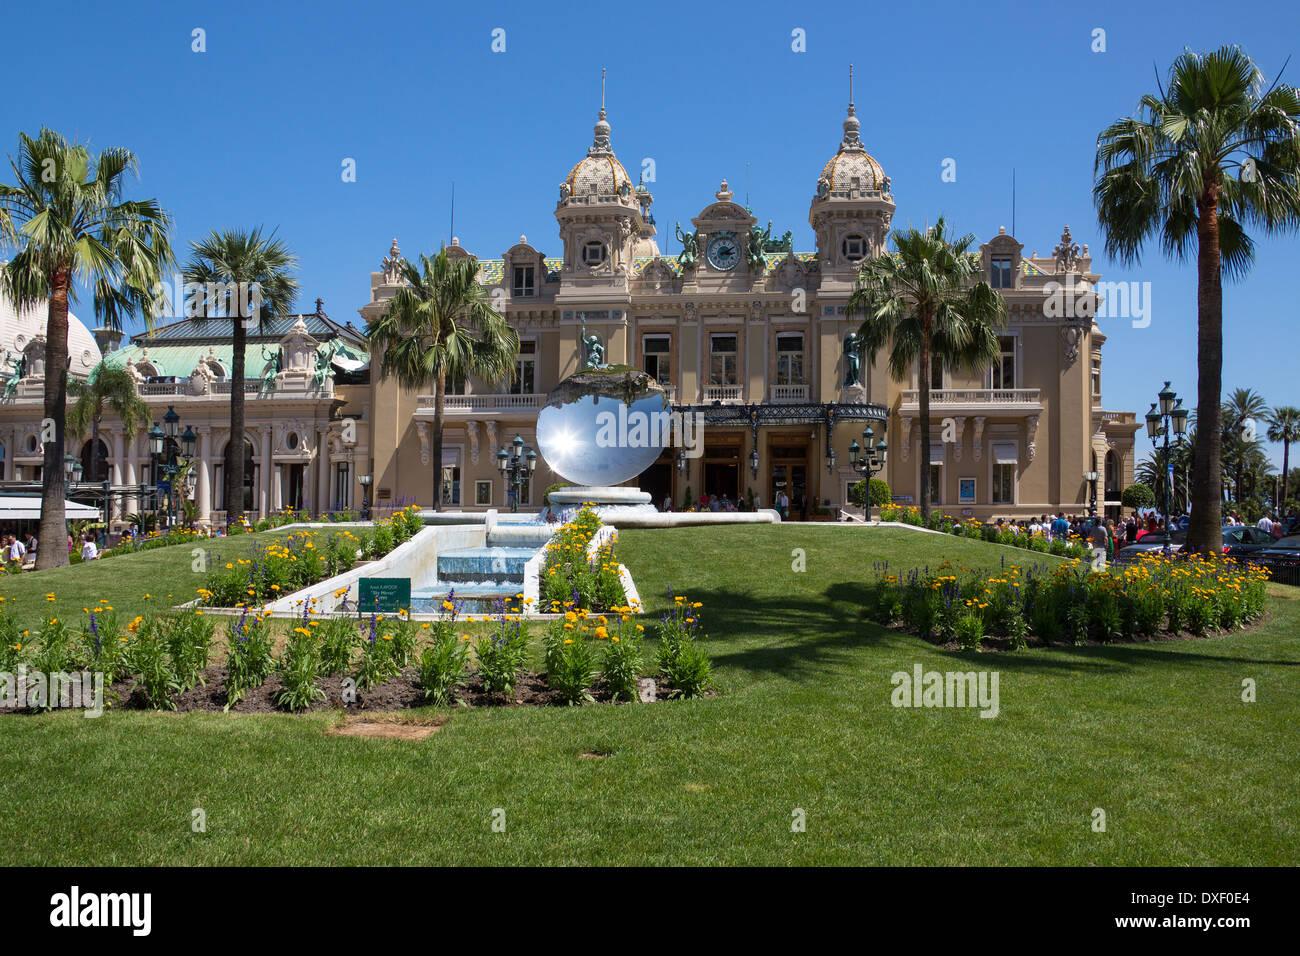 Il famoso casinò di Monte Carlo a Monaco. Immagini Stock